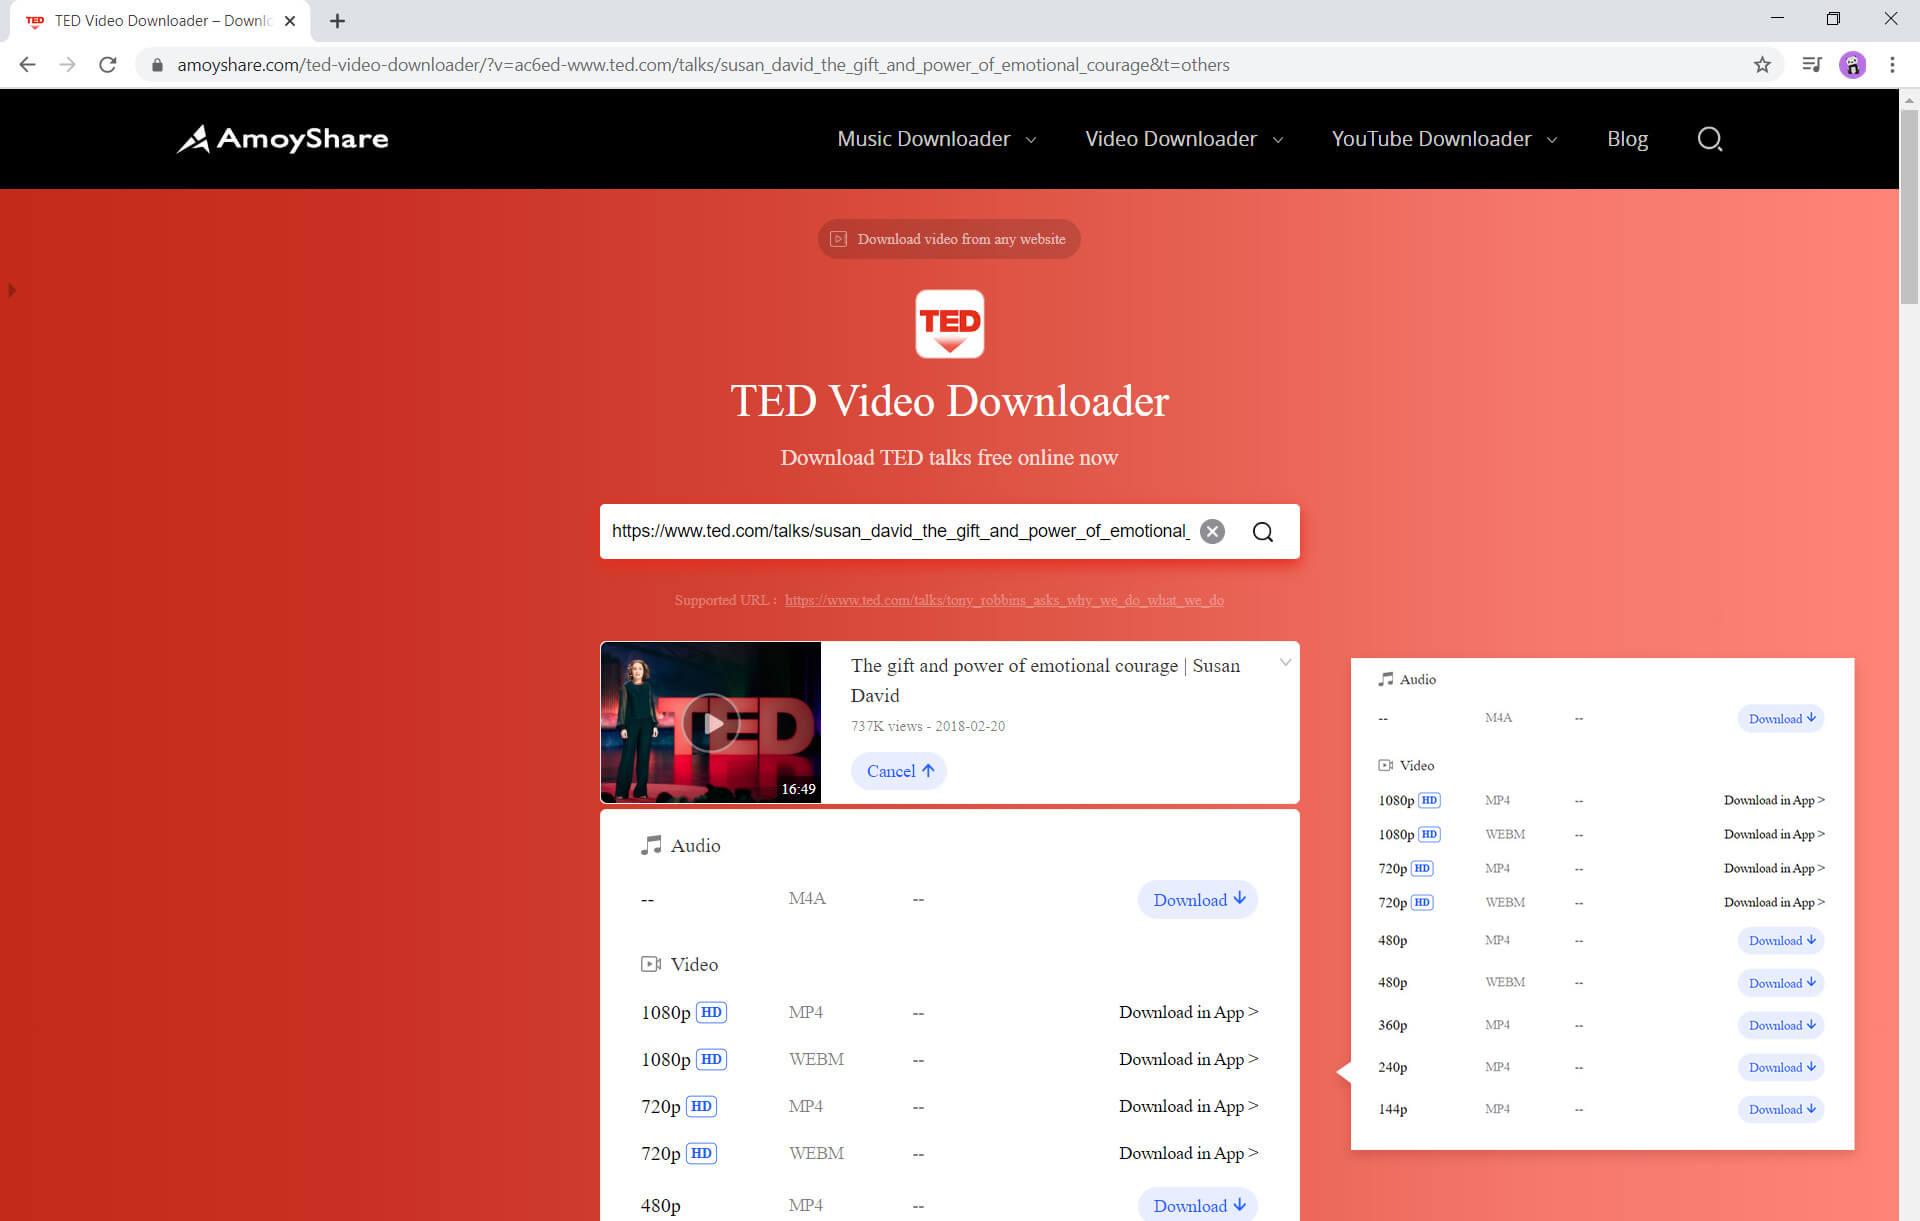 Verschiedene Videoauflösungen zum Herunterladen